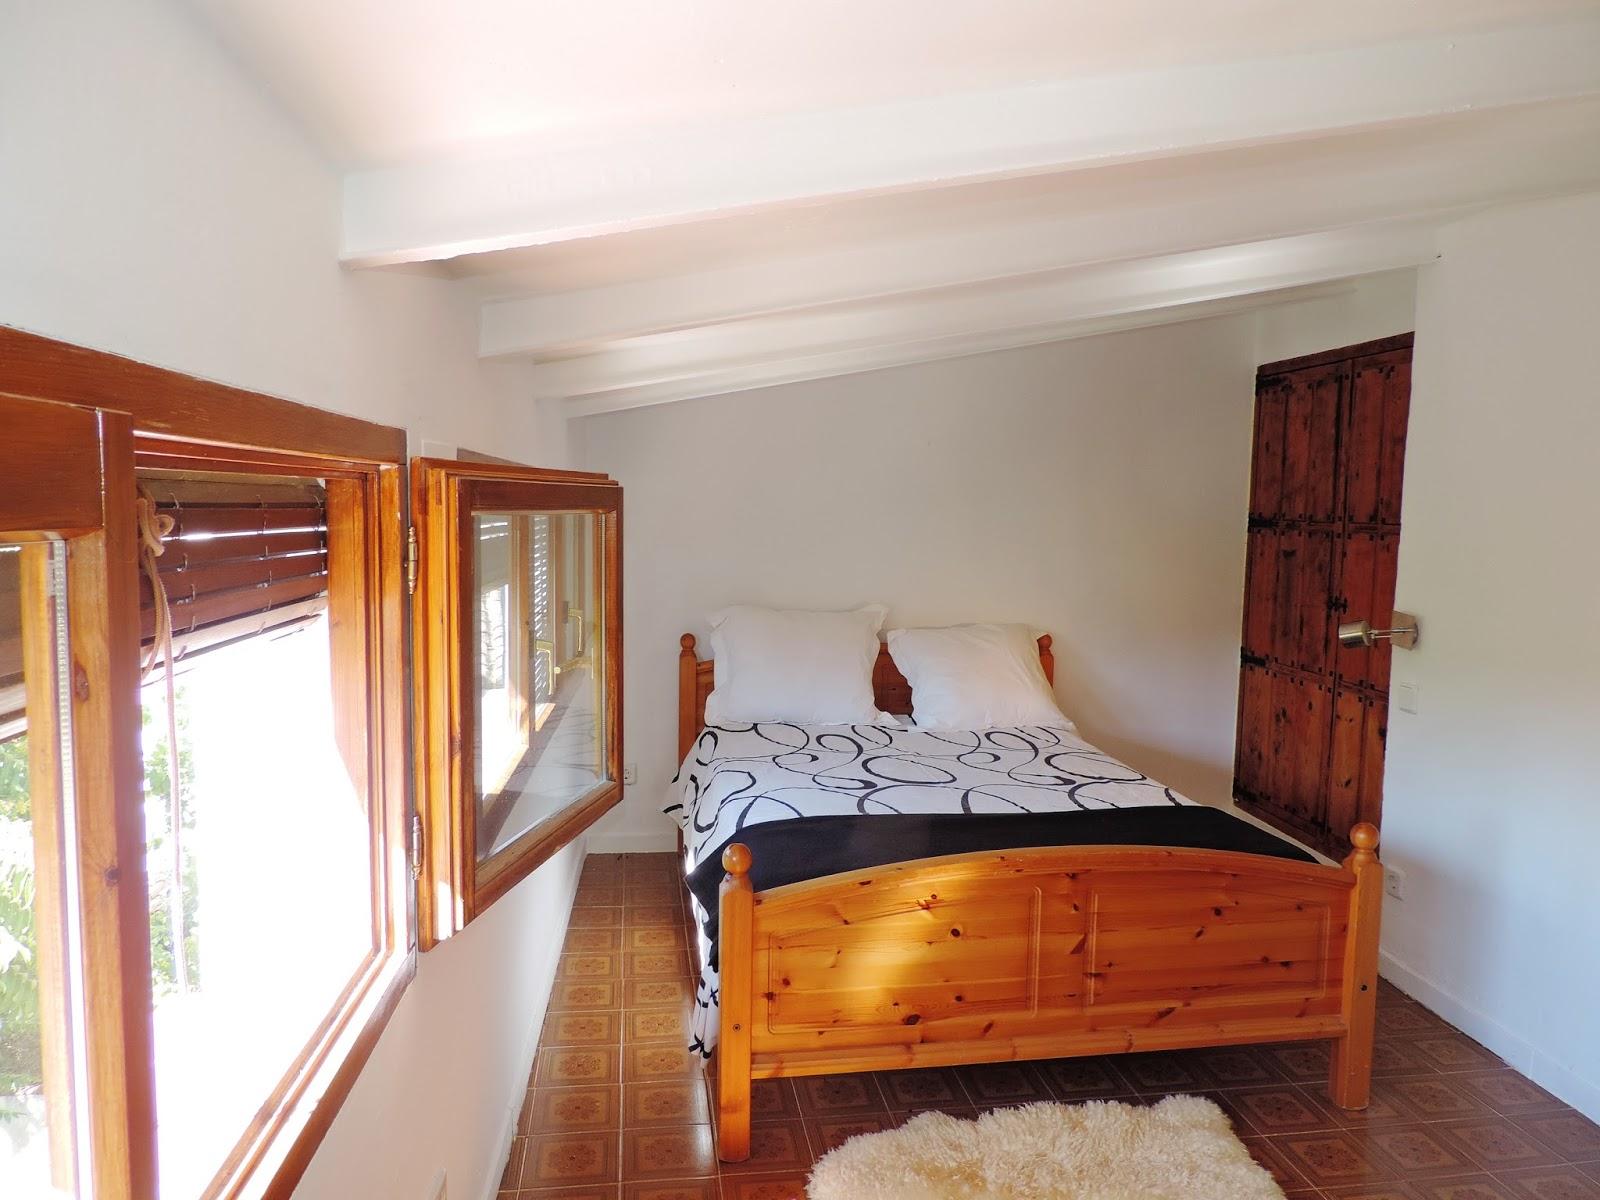 Casas y pisos en venta madrid gr re max cl sico servicios for Actualizar dormitorio clasico